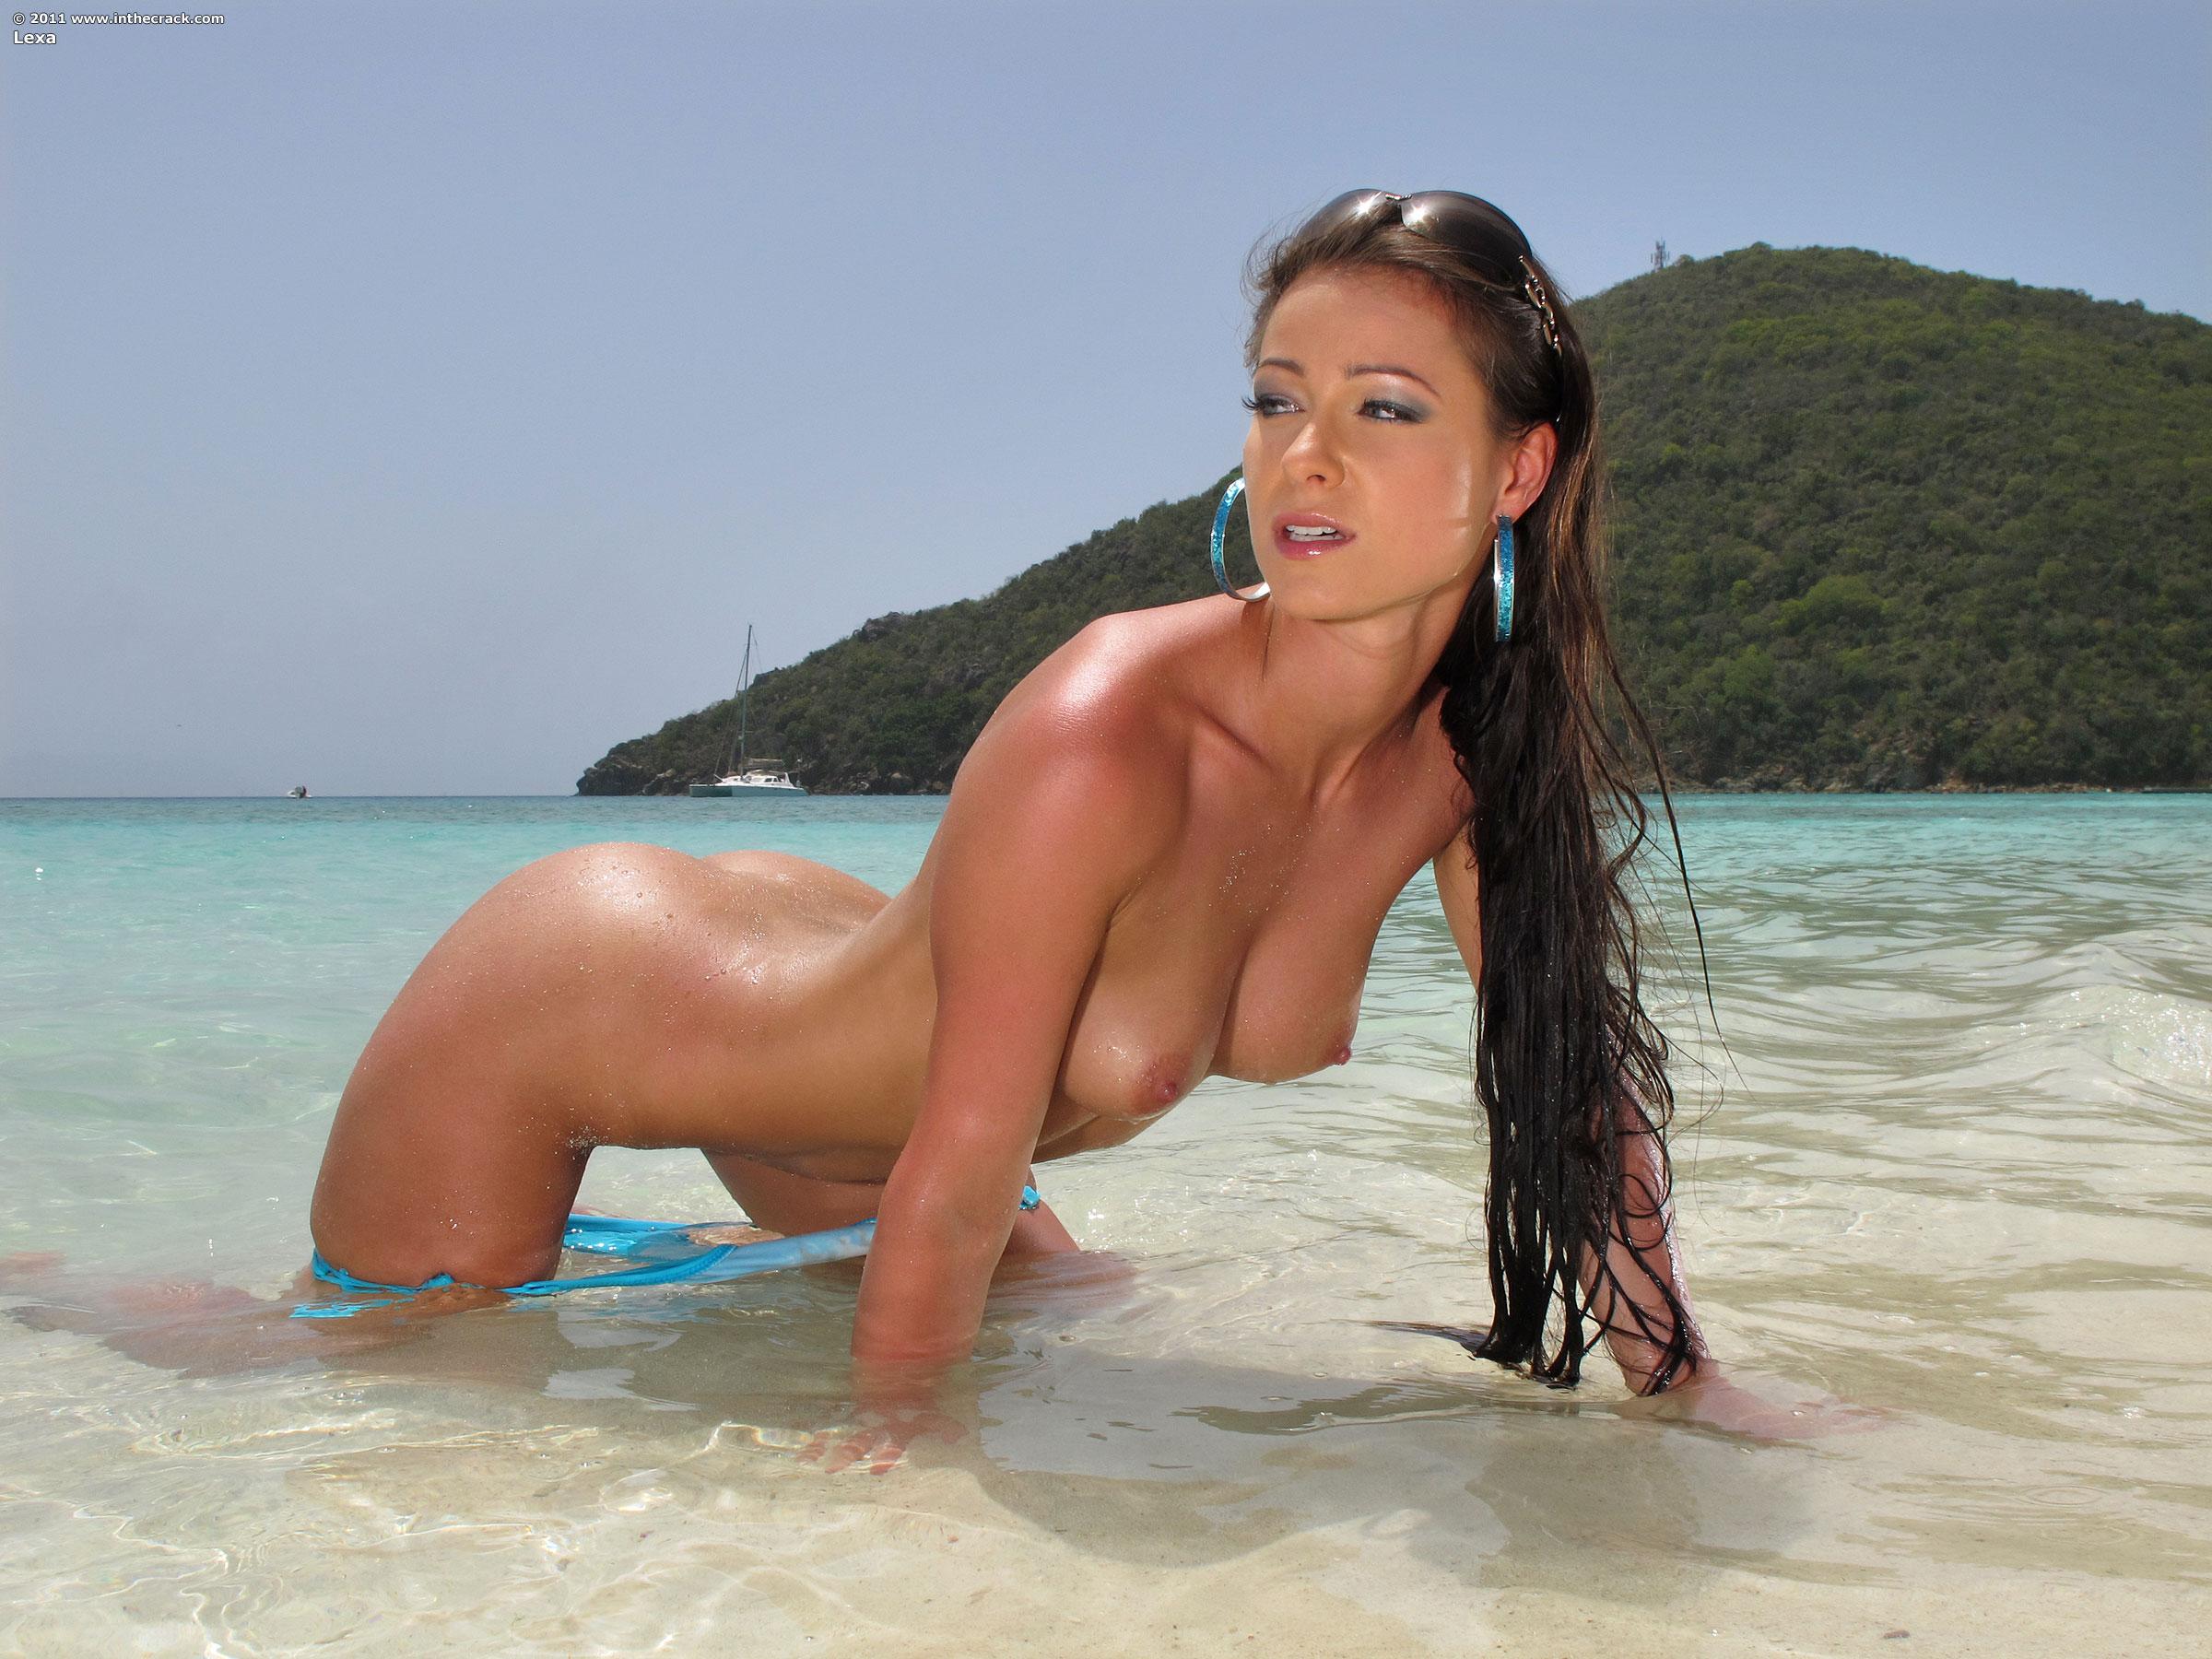 Показать фото голой девушки на пляже в голубом купальнике фото 228-300